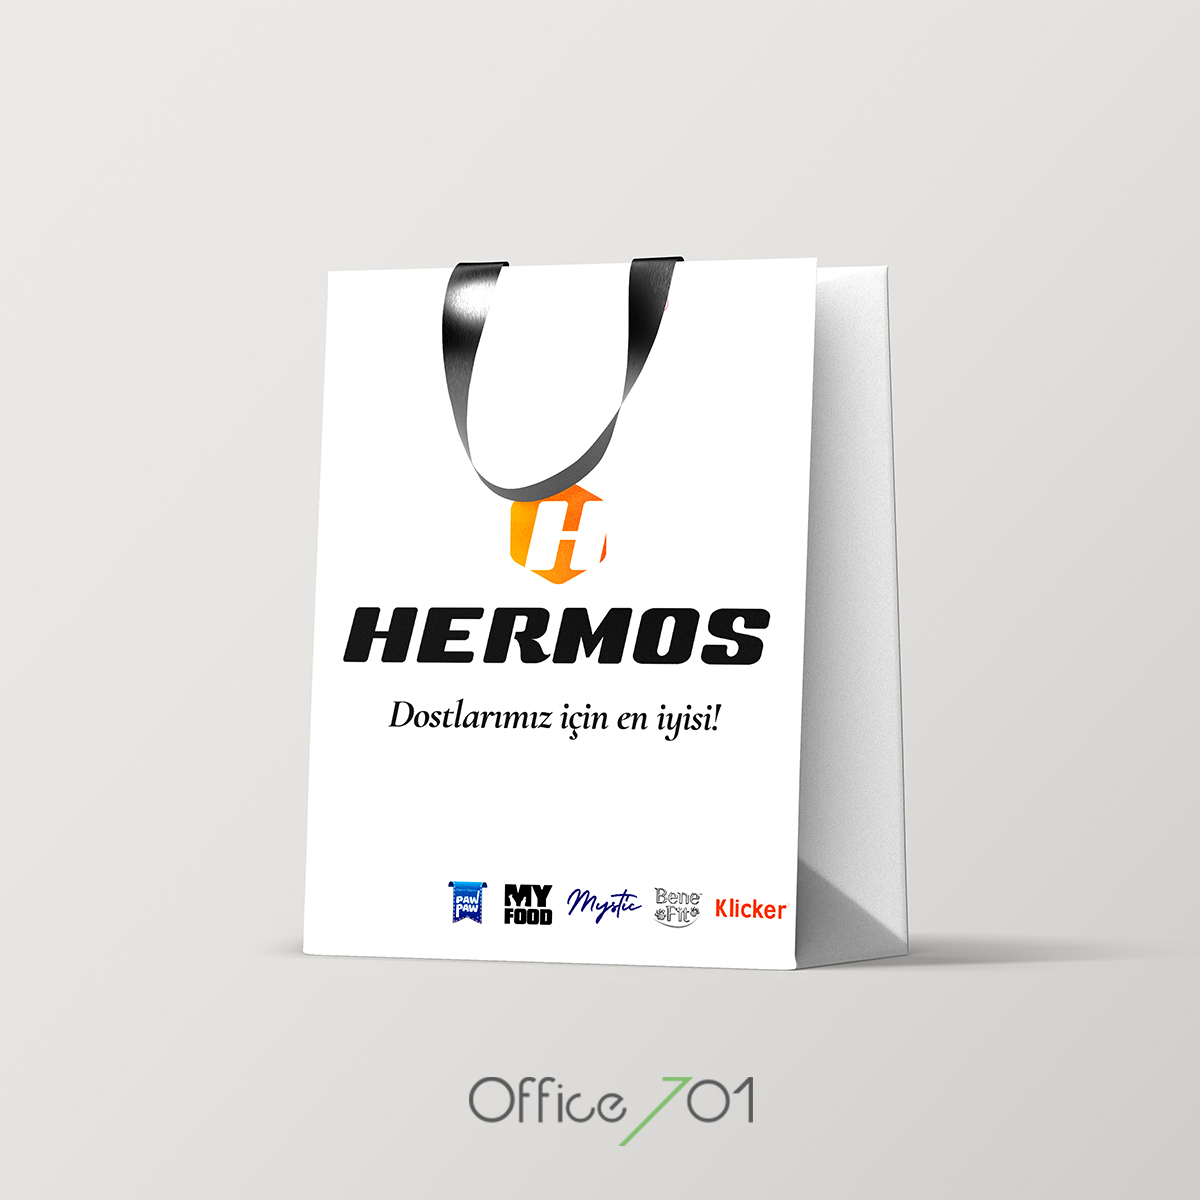 Office701 | Hermos Çanta Tasarımı